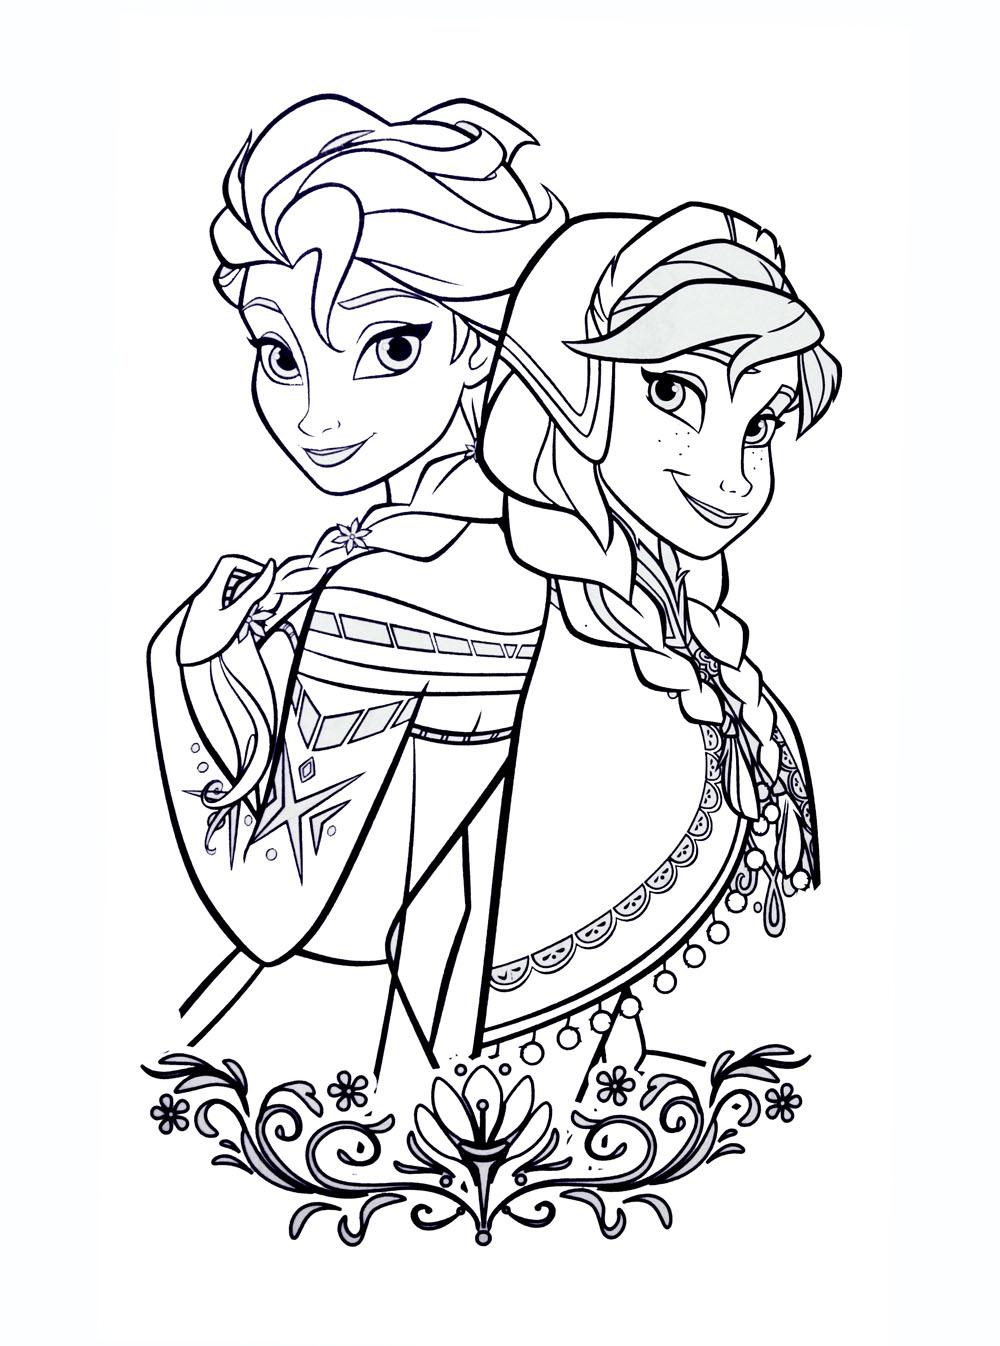 La reine des neiges disney 1 coloriage la reine des - Coloriage princesse des neiges ...